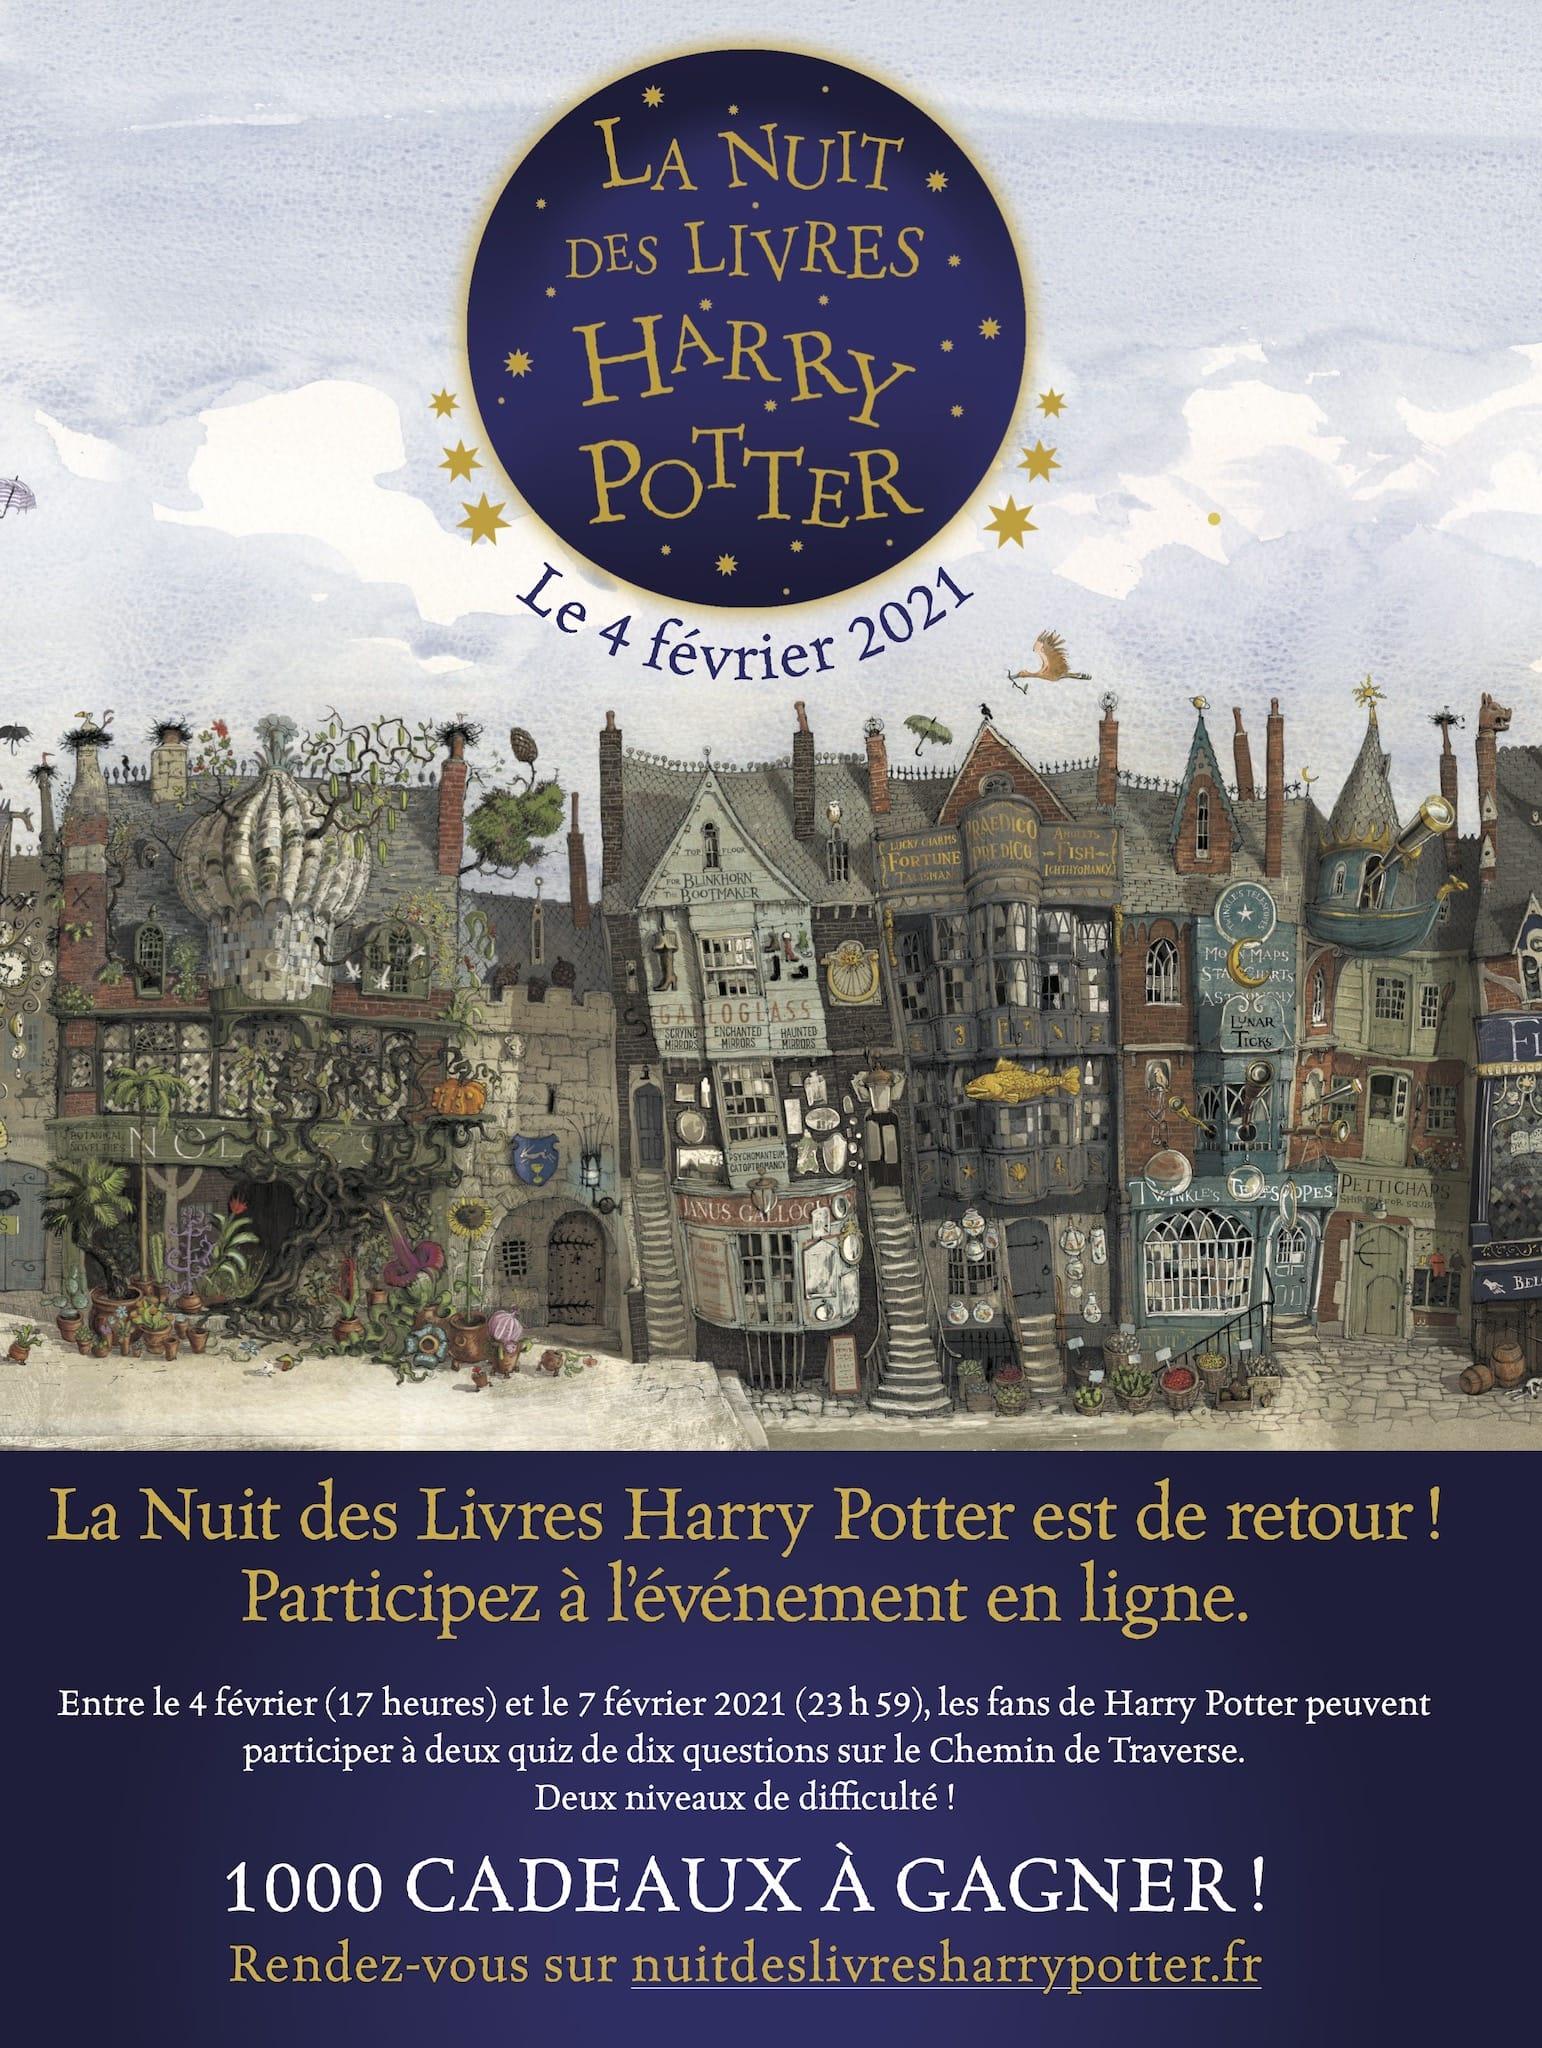 La Nuit des Livres Harry Potter 2021 affiche